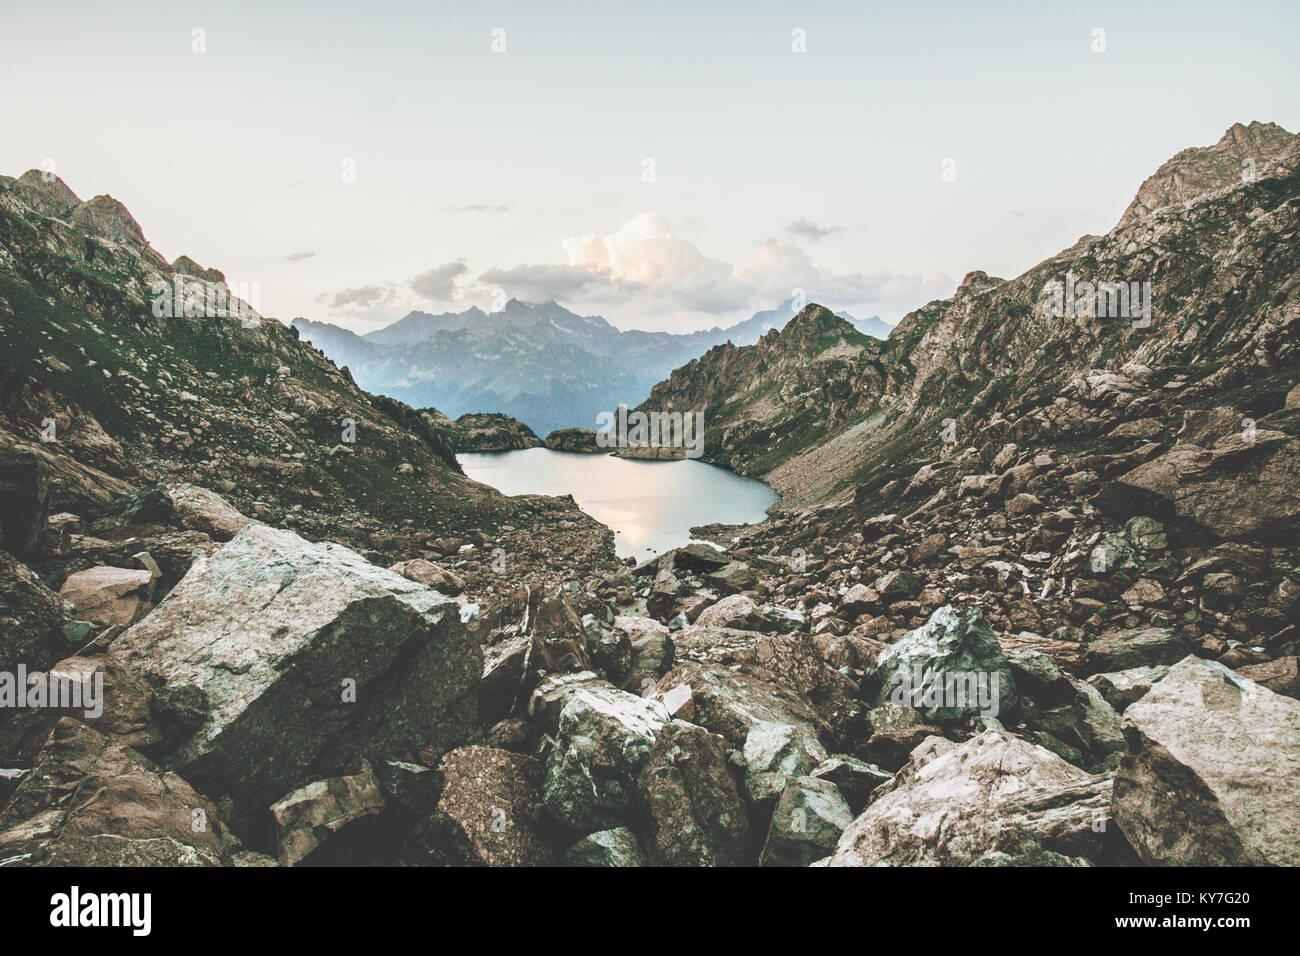 Lago e montagne rocciose paesaggio viaggio estivo serena vista panoramica Scena atmosferica Immagini Stock